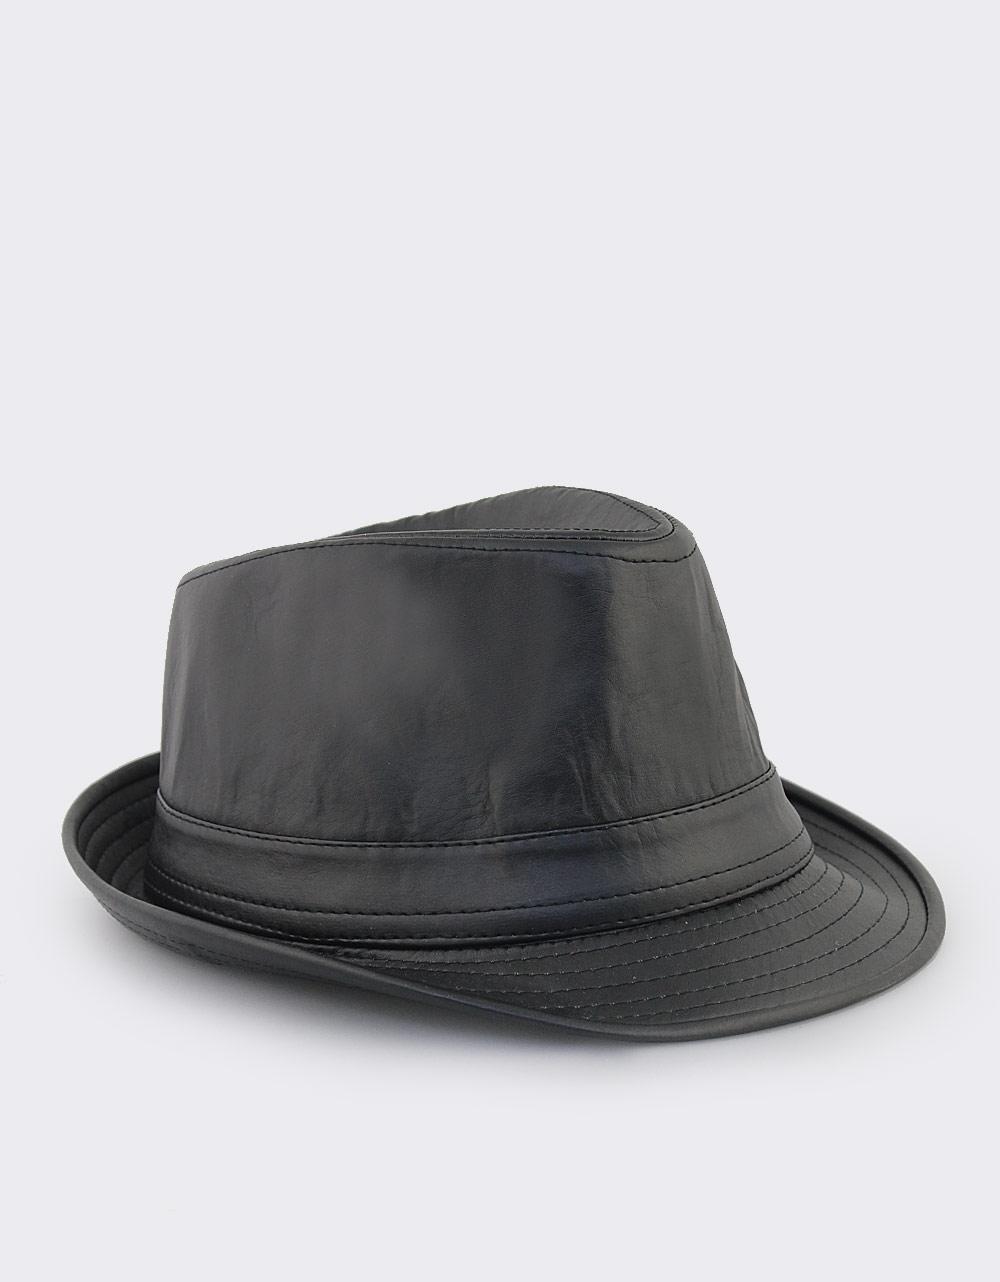 Εικόνα από Γυναικεία καπέλα μονόχρωμα Μαύρο